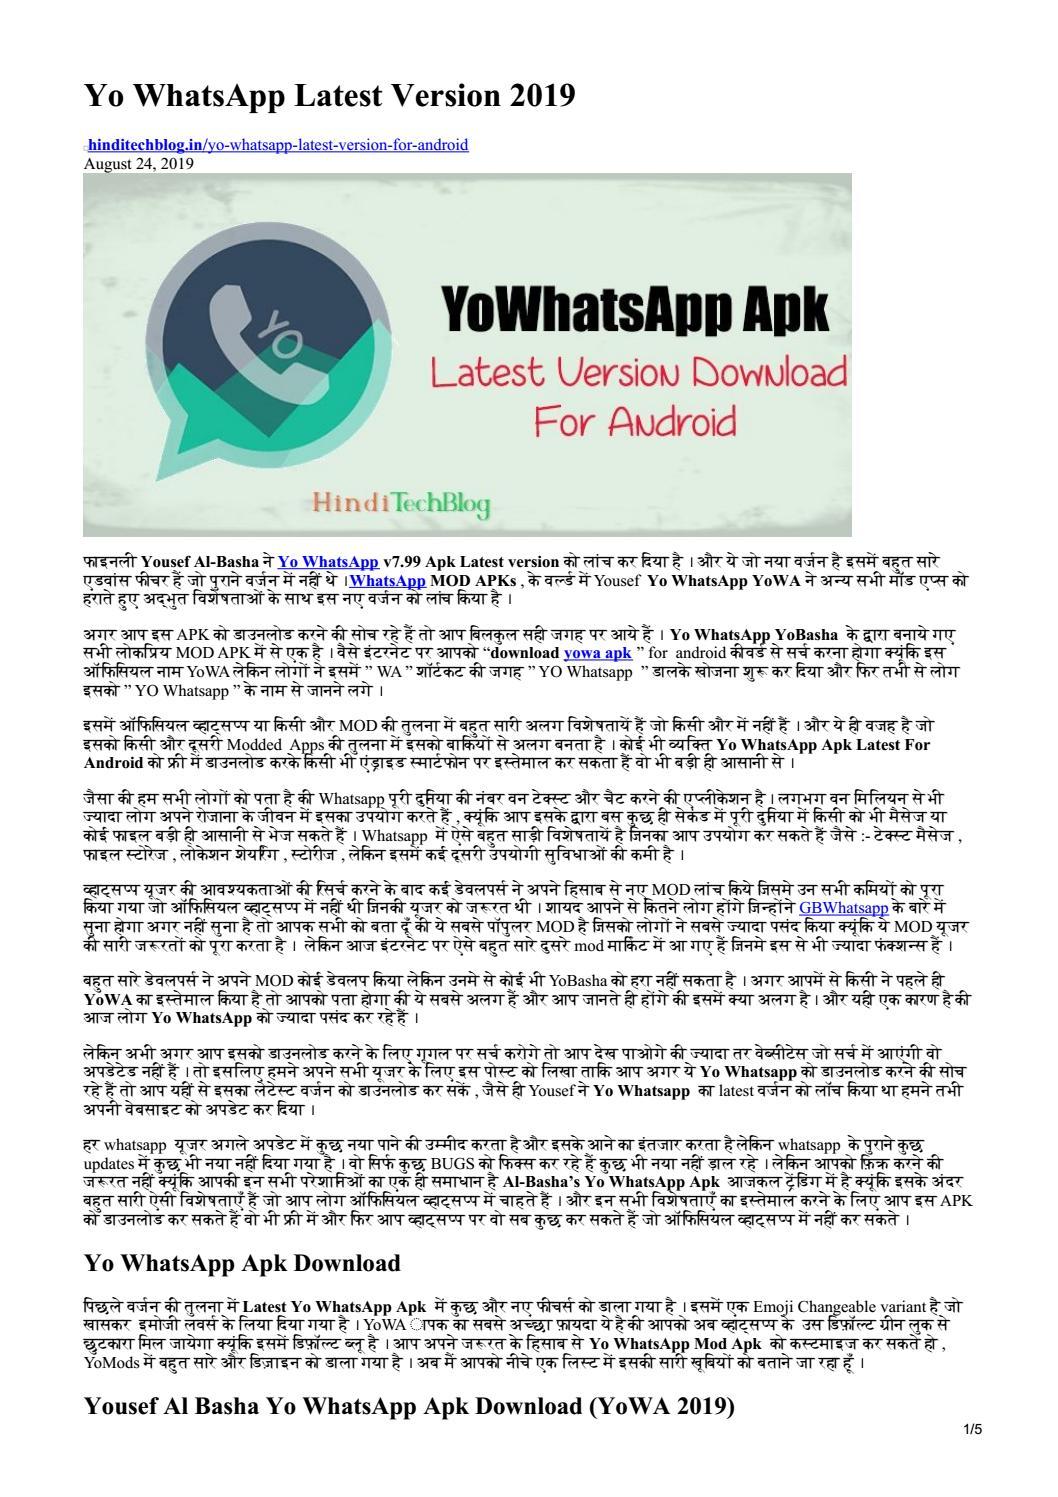 yo whatsapp 2019 download apk latest version